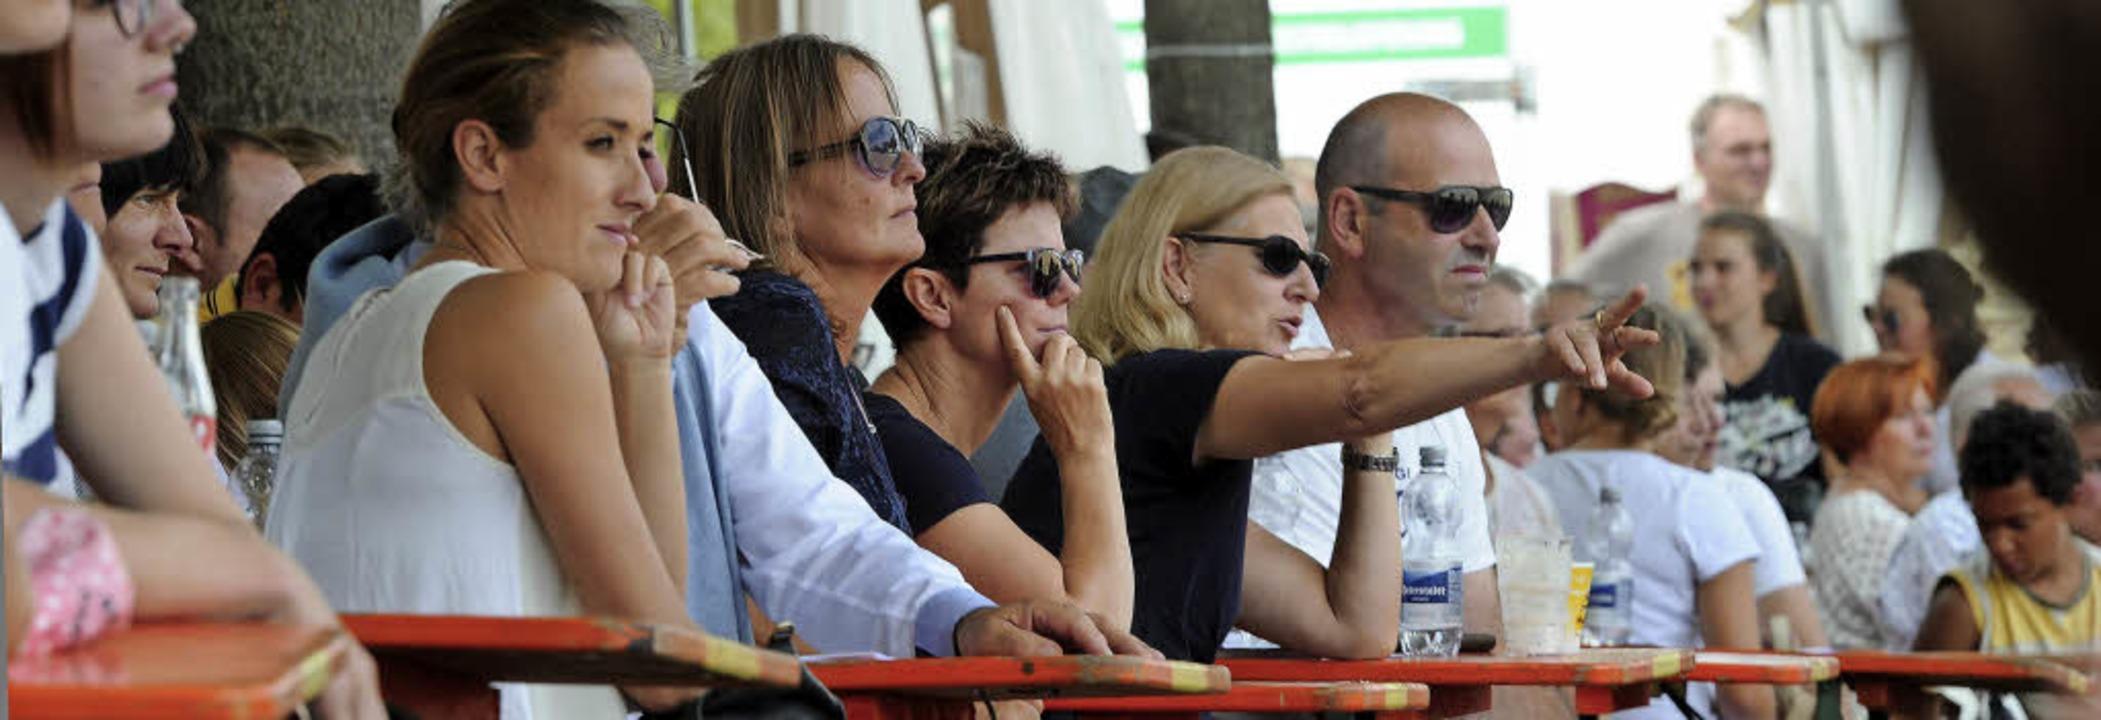 Fachkundiges Publikum auf der Fohlenweide   | Foto:  Pressebüro Schaller